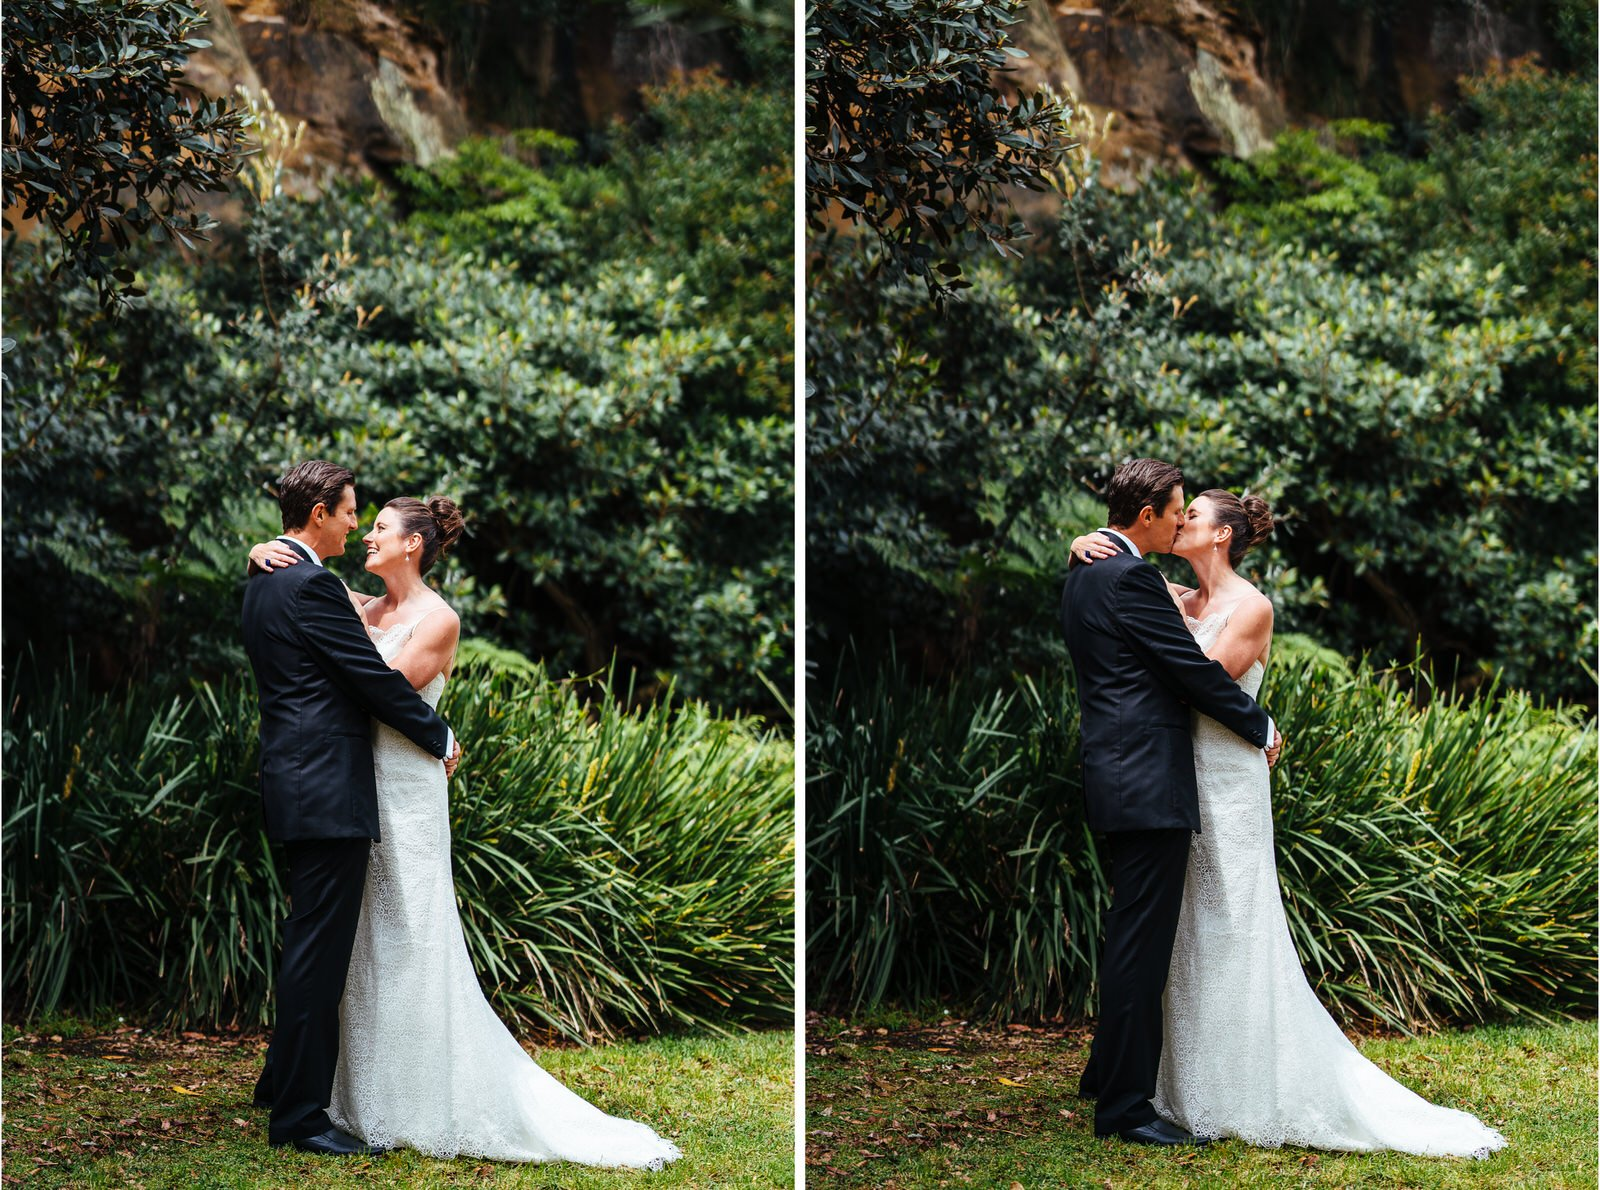 addy_matt_wedding_greenwich_sailing_club-148a